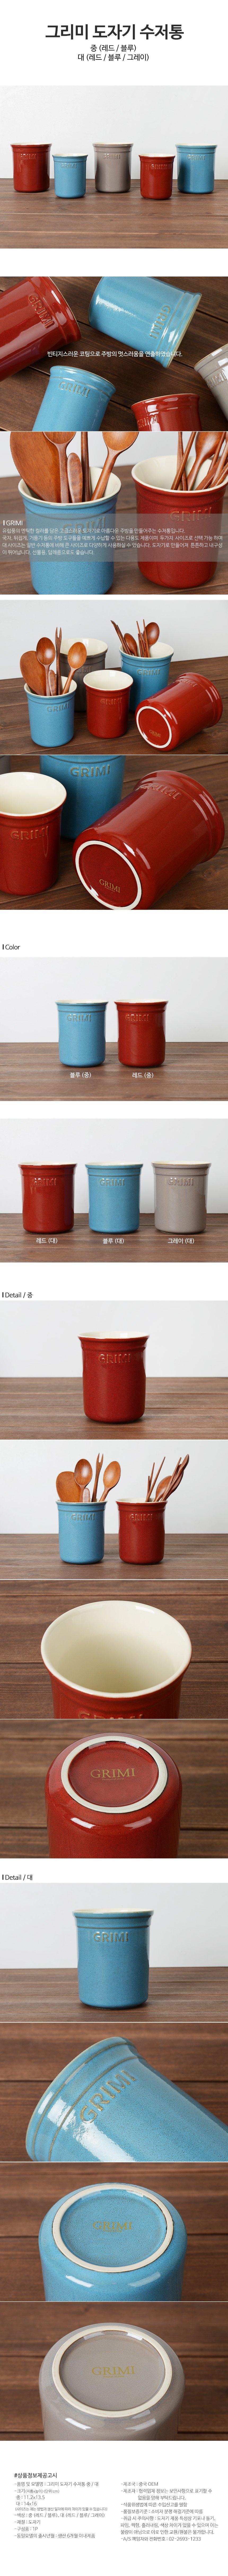 그리미 도자기 수저통 대 - 로메이키친5, 11,700원, 주방정리용품, 수저통